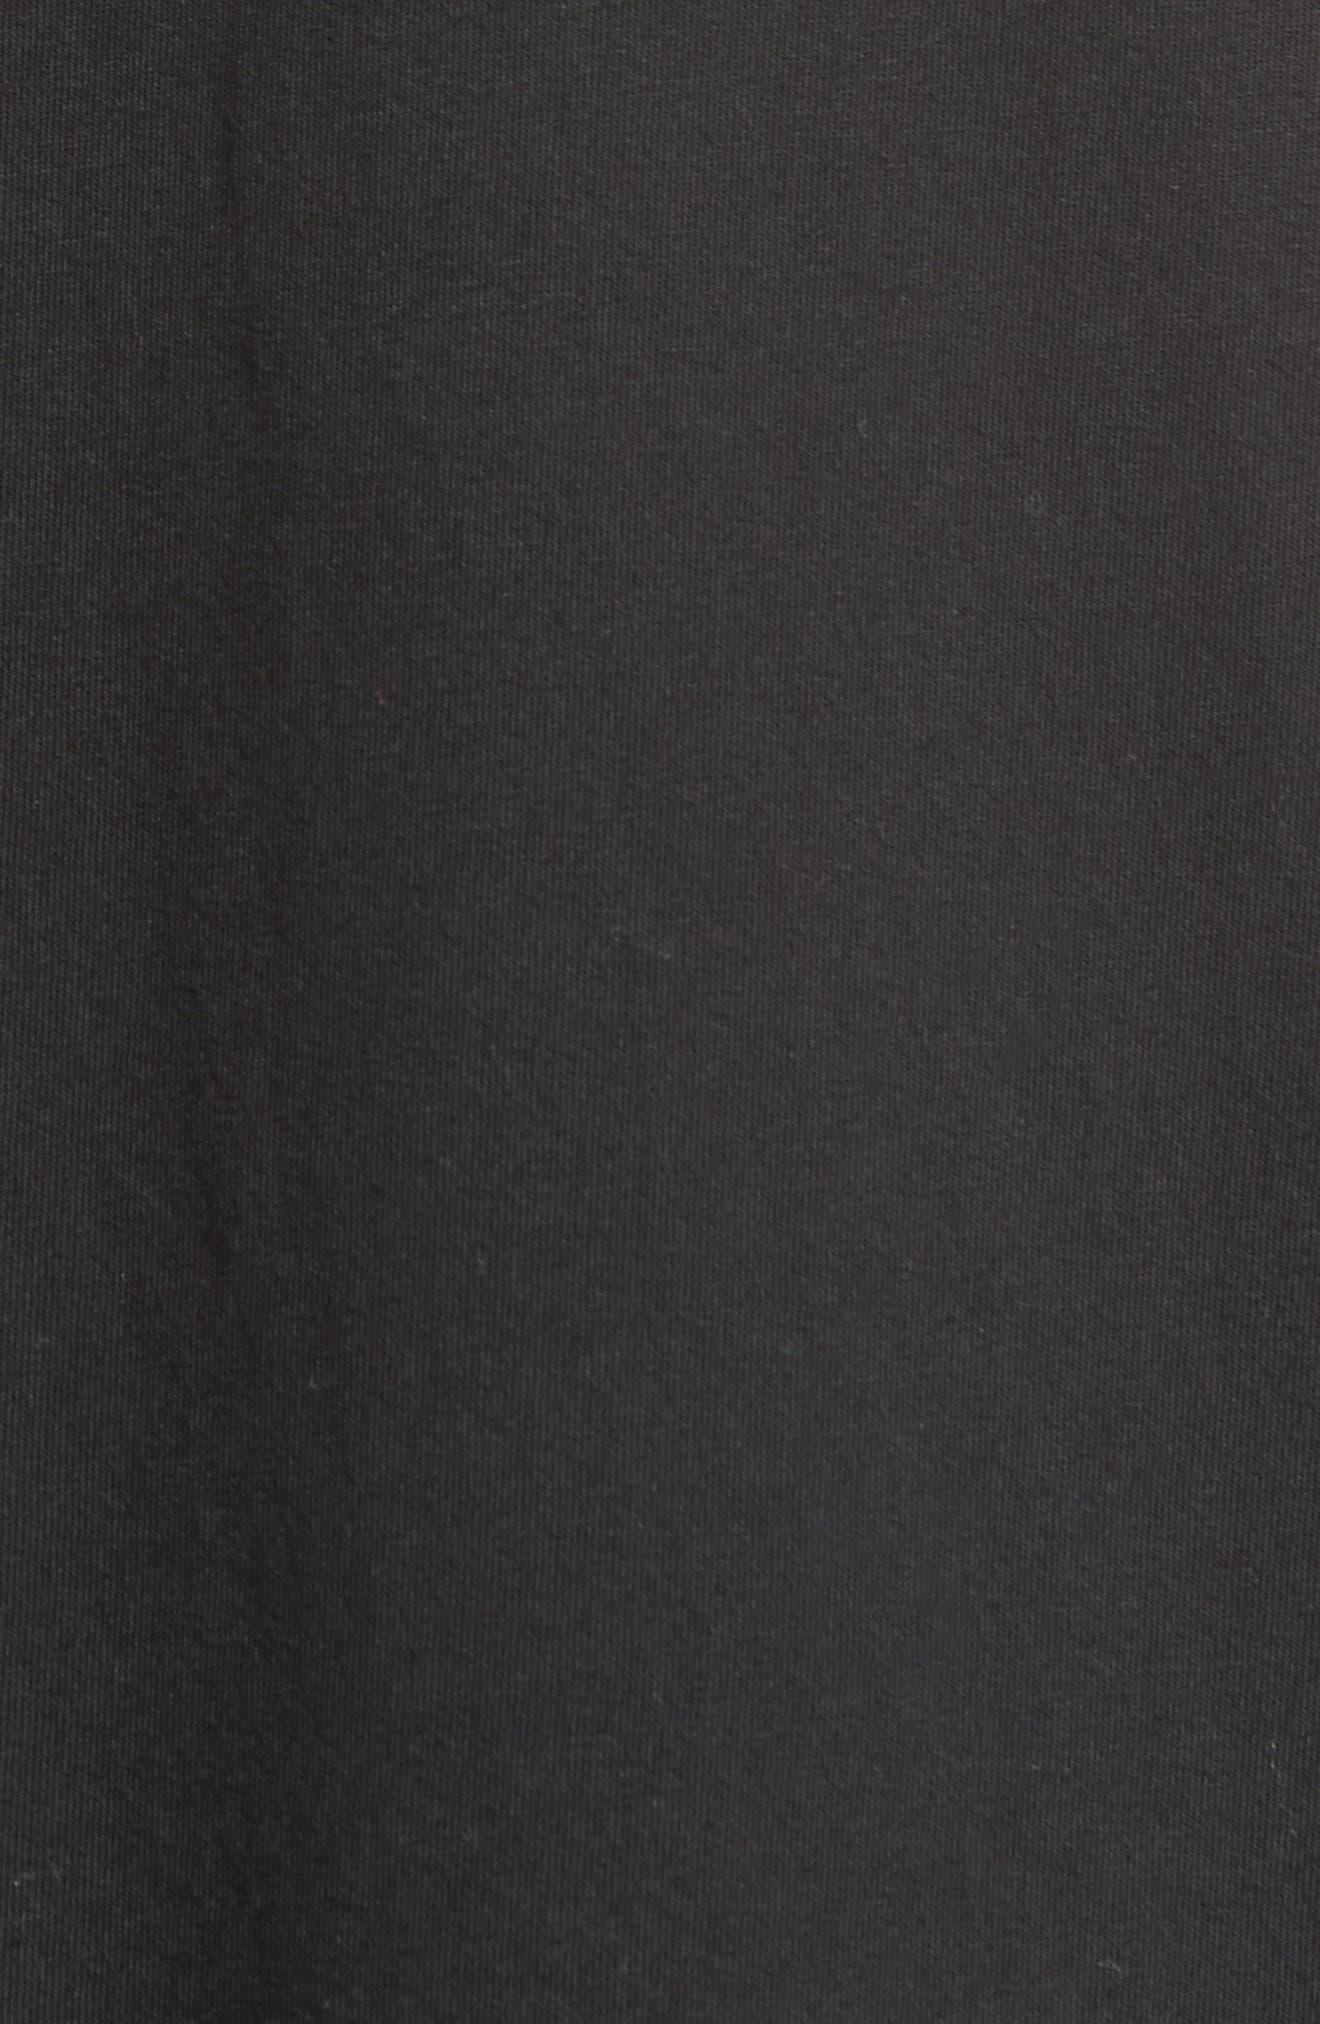 Level T-Shirt,                             Alternate thumbnail 5, color,                             Black